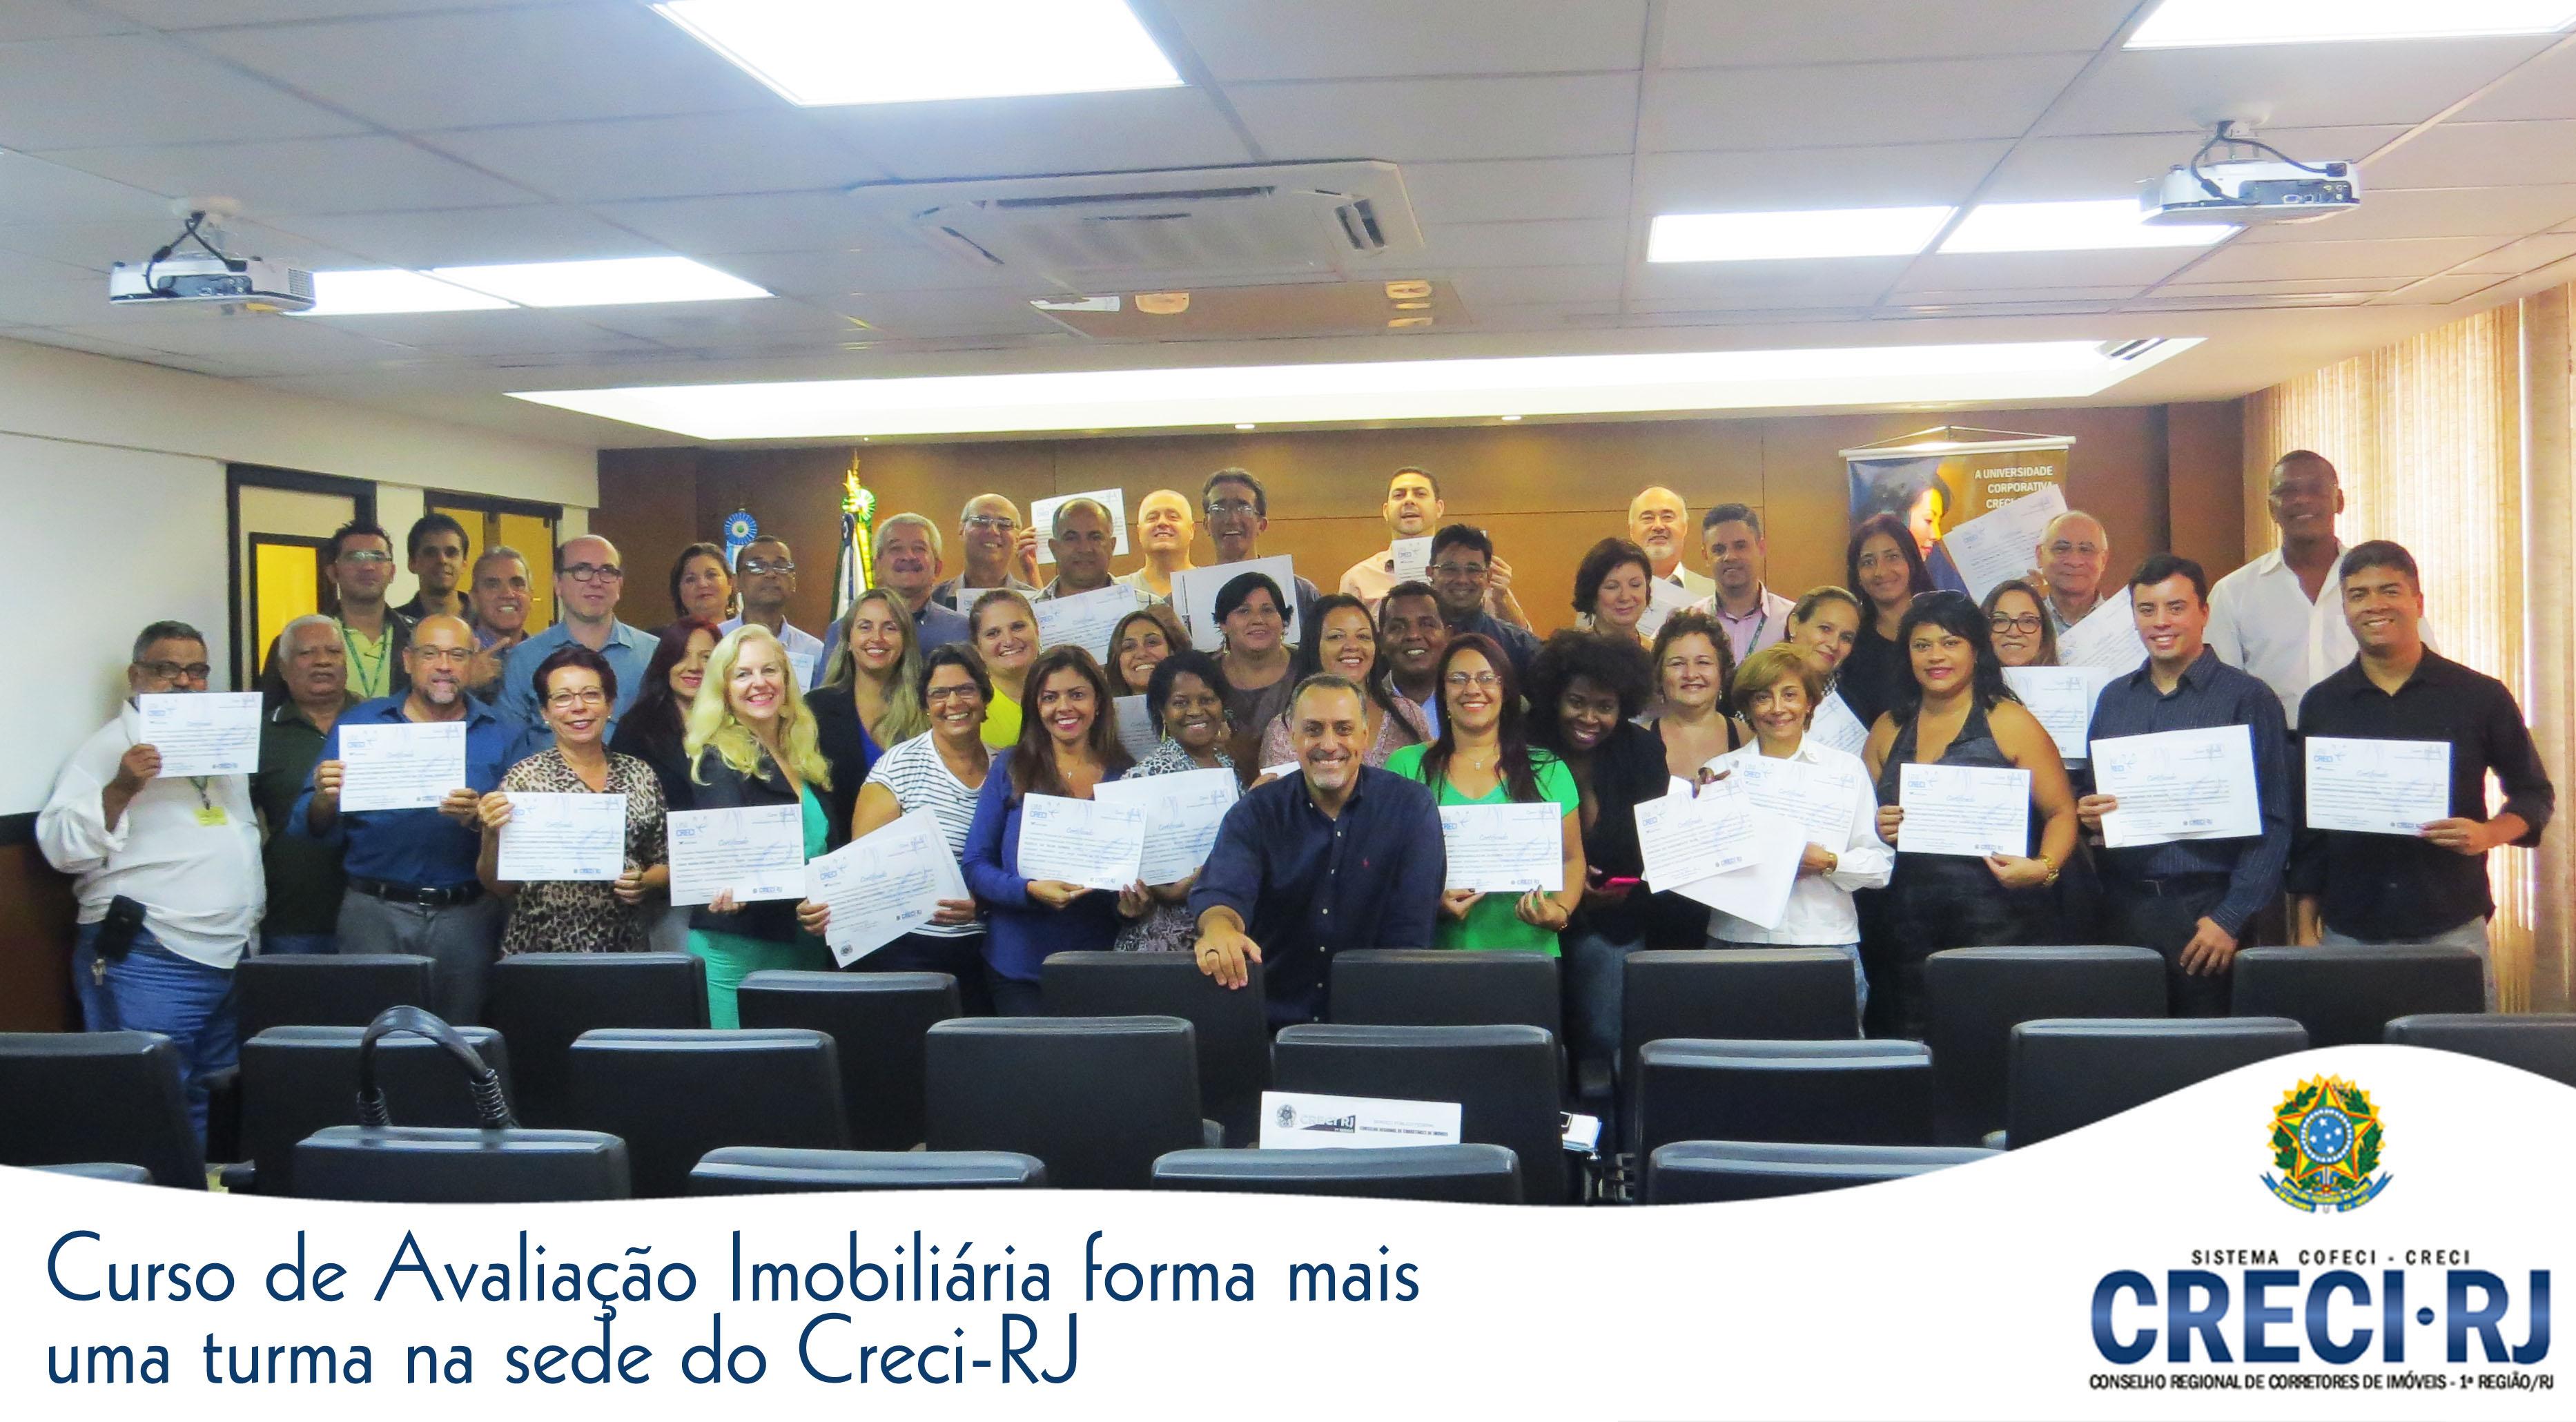 Curso de avaliação imobiliária forma mais uma turma na sede do Creci-RJ